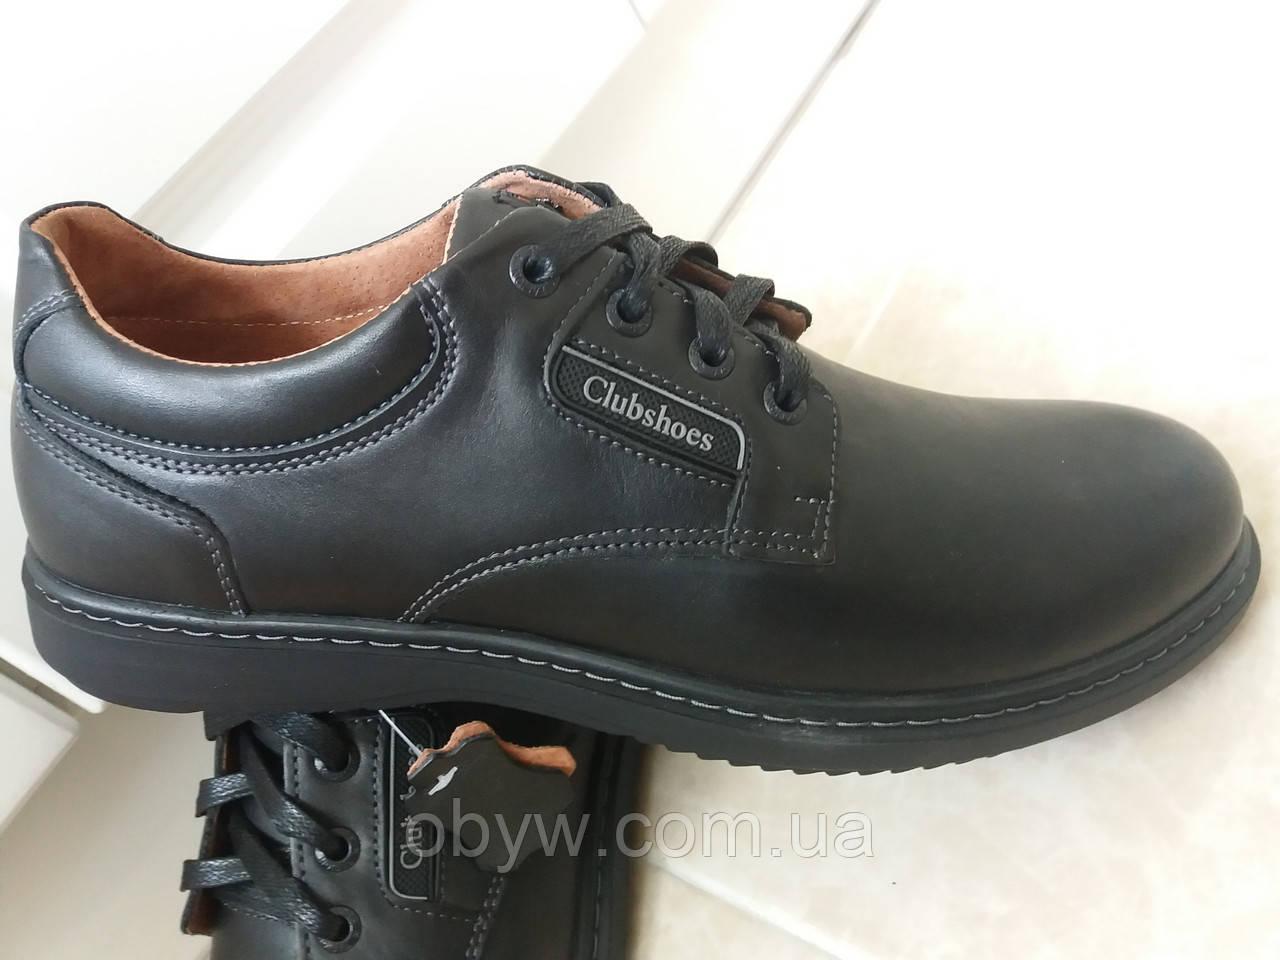 ab692db40 Кожаные осенние туфли Польша - Весь ассортимент в нашем магазине в наличии.  в Днепре